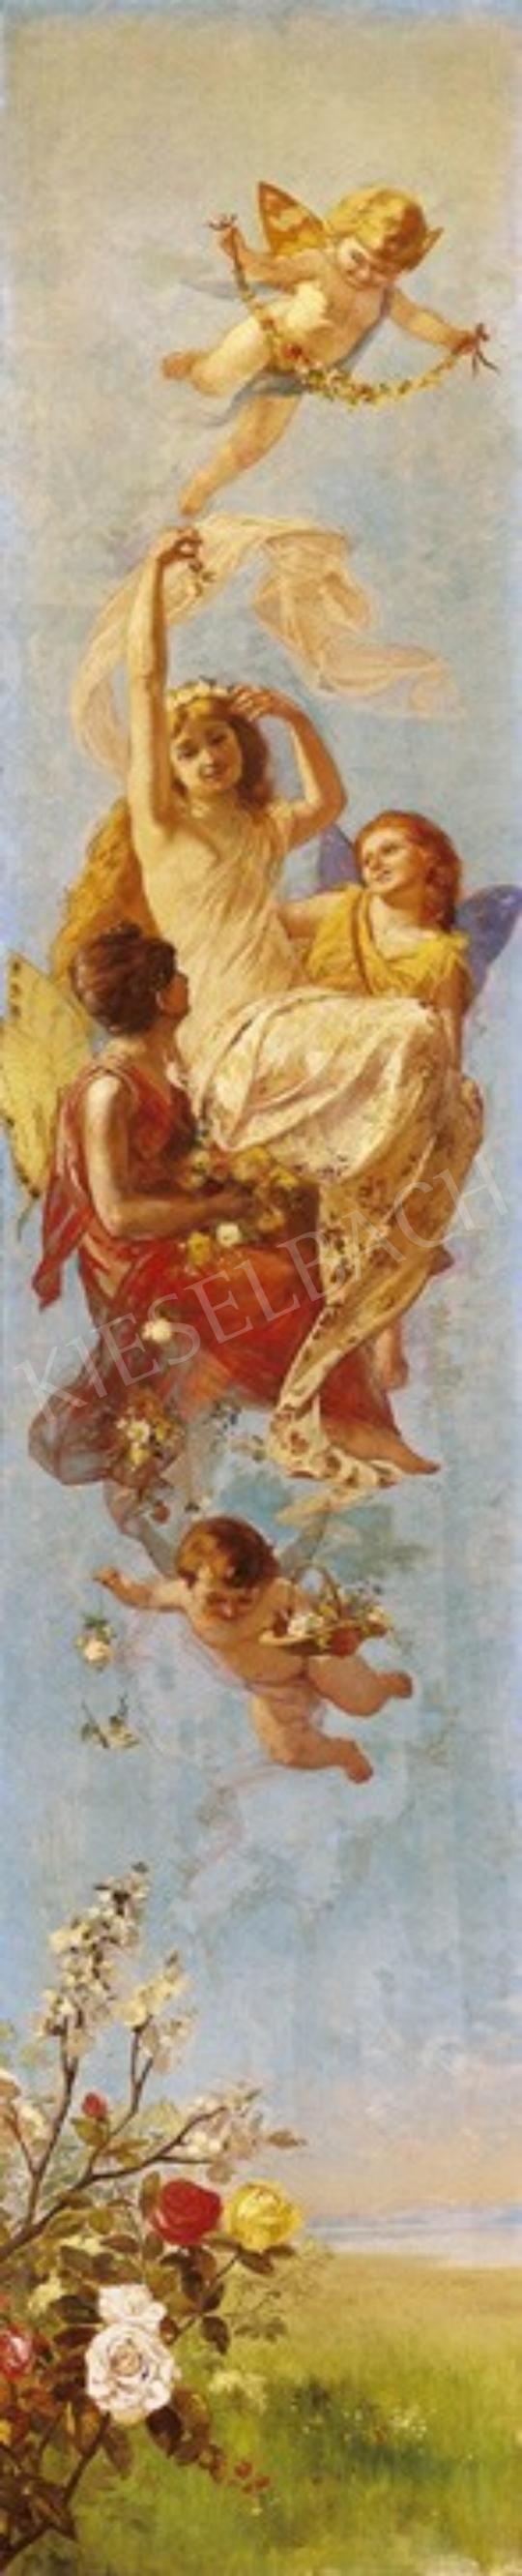 Ismeretlen festő - Tavasz | 1. Aukció aukció / 264 tétel